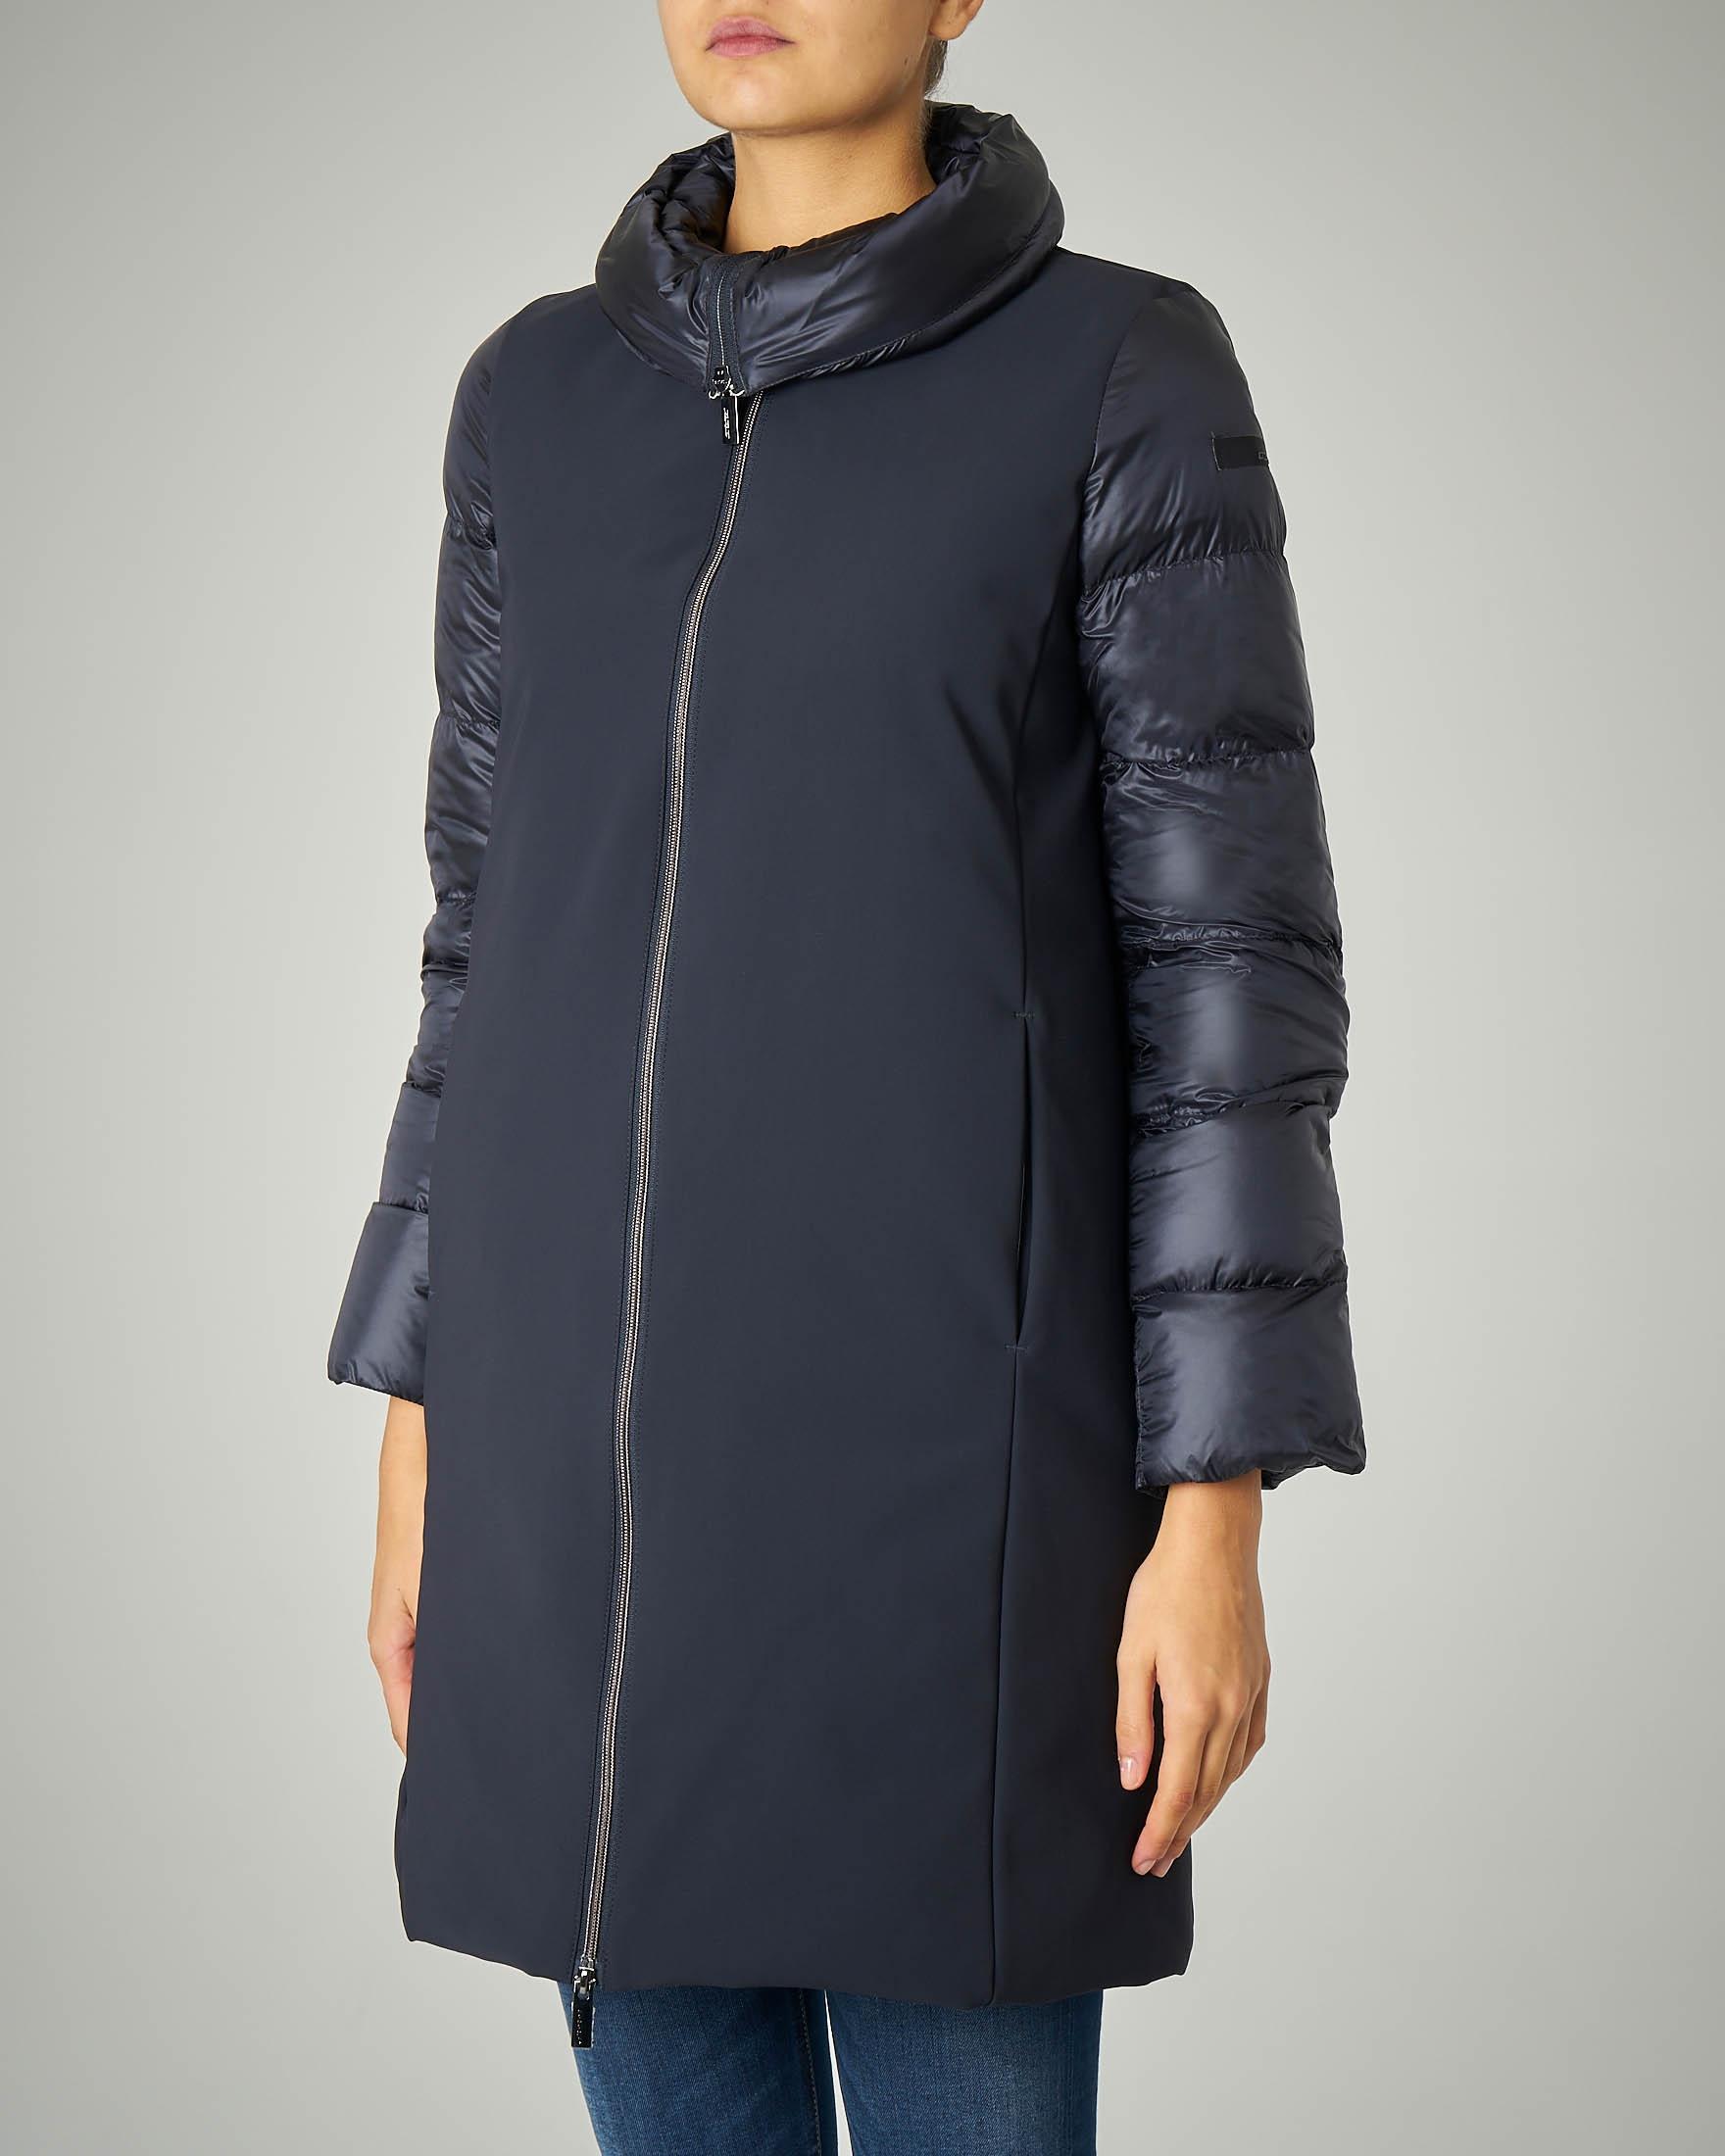 Cappotto imbottito lungo blu con maniche e collo trapuntati